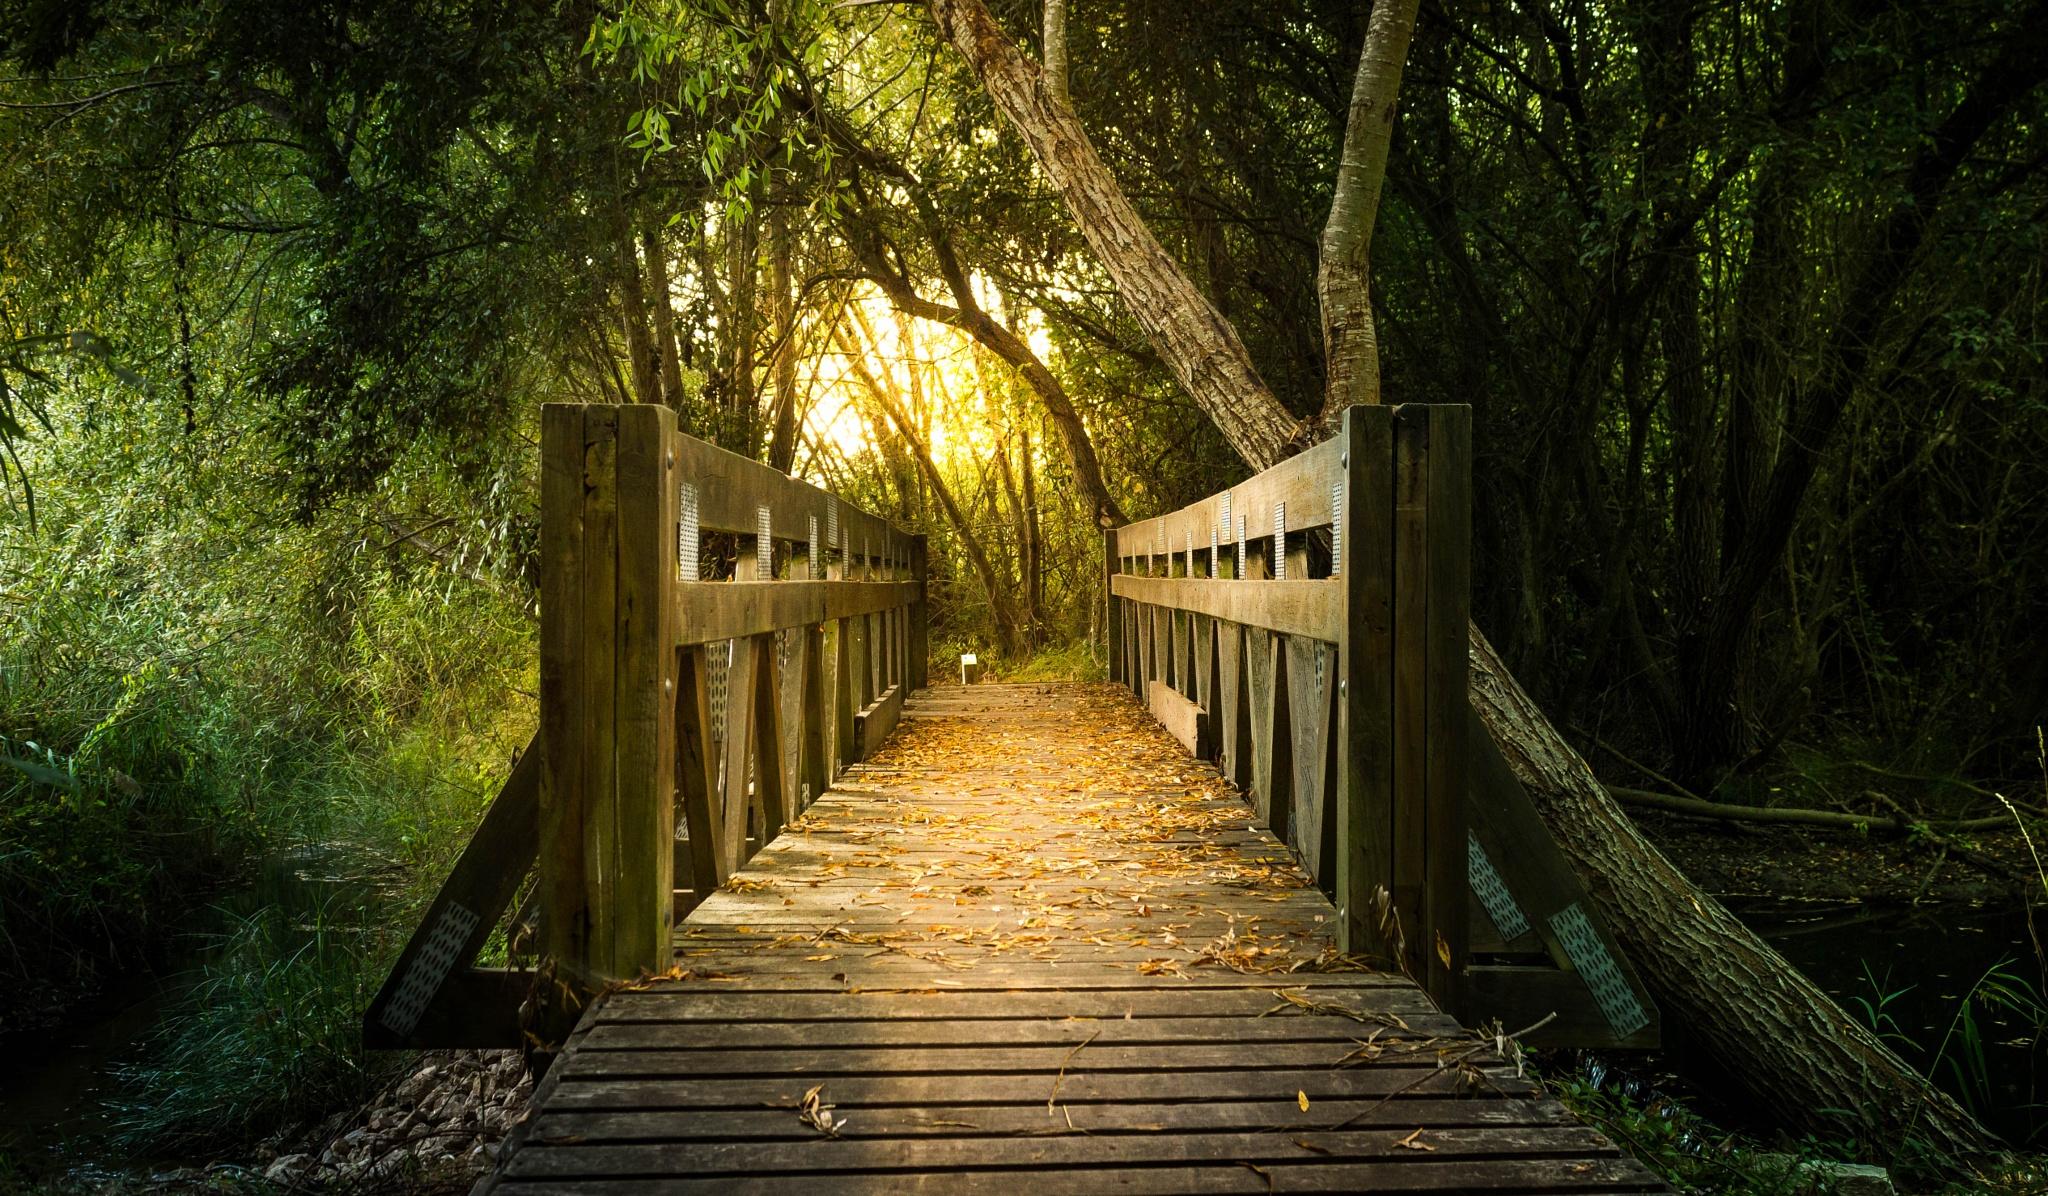 Ponte Encantada by Da Costa Photography